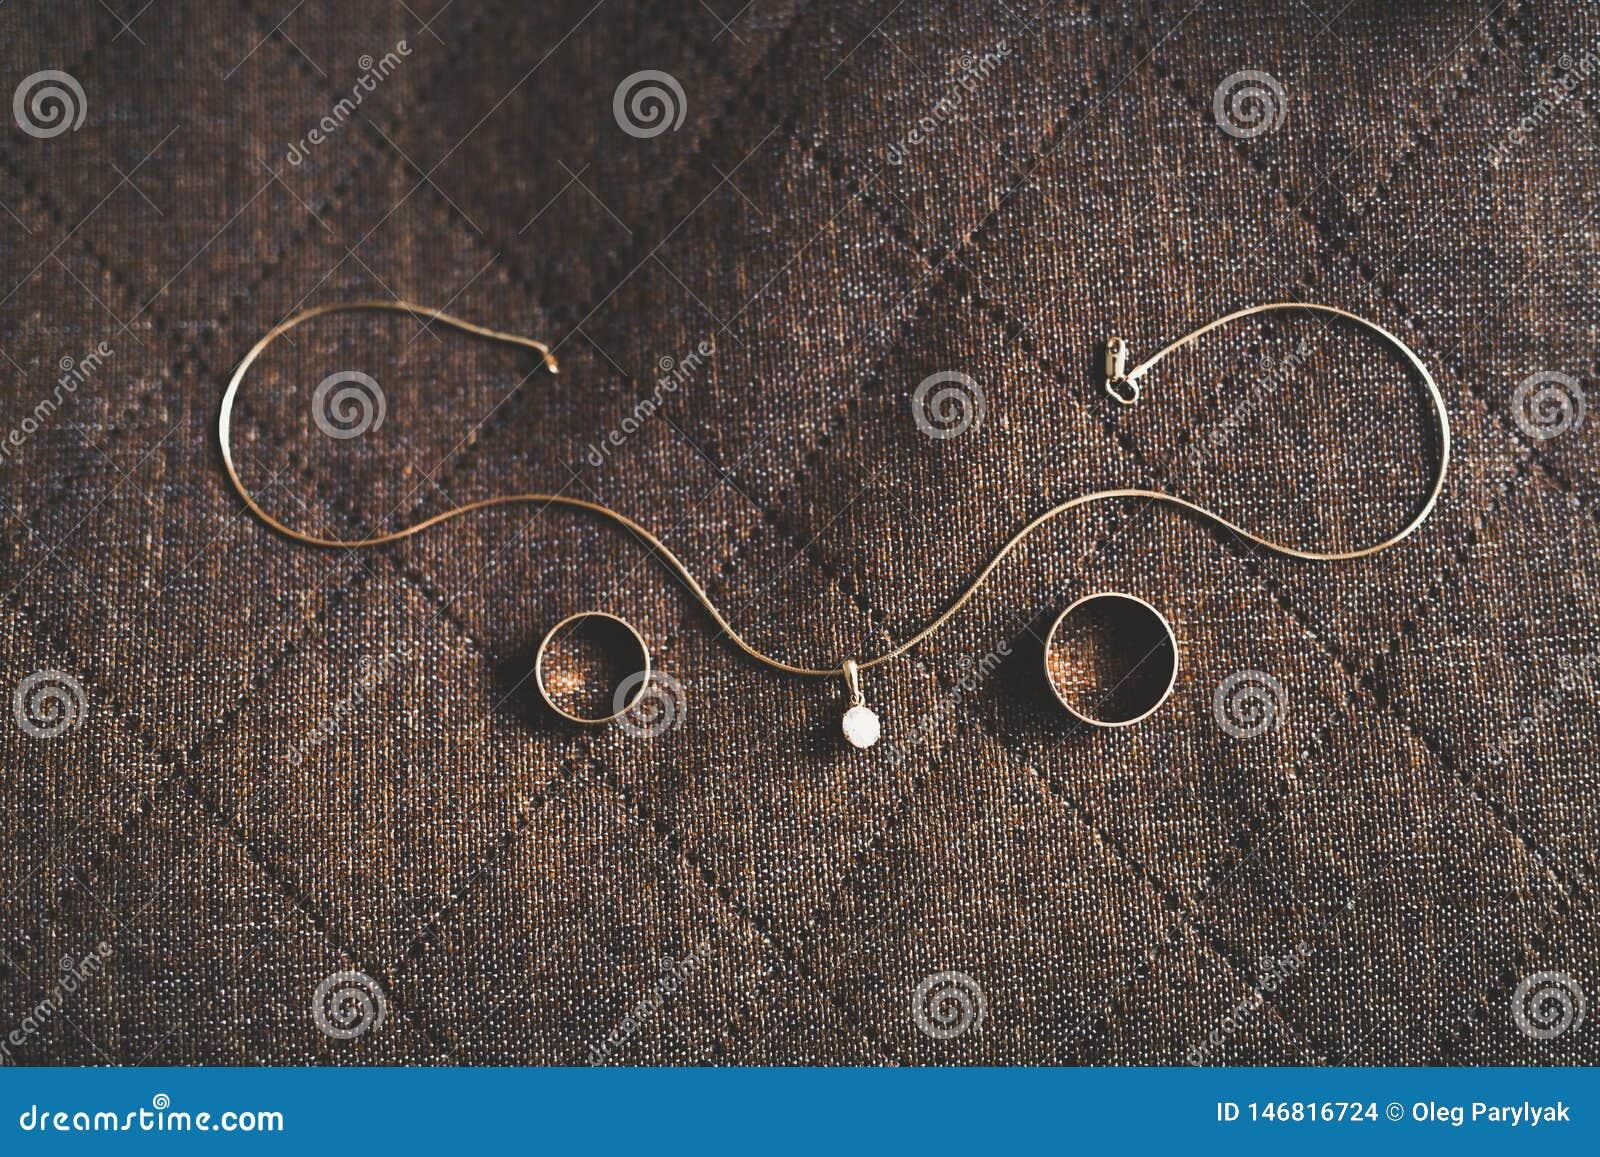 Hintergrundkonzept mit zwei goldenes Eheringen